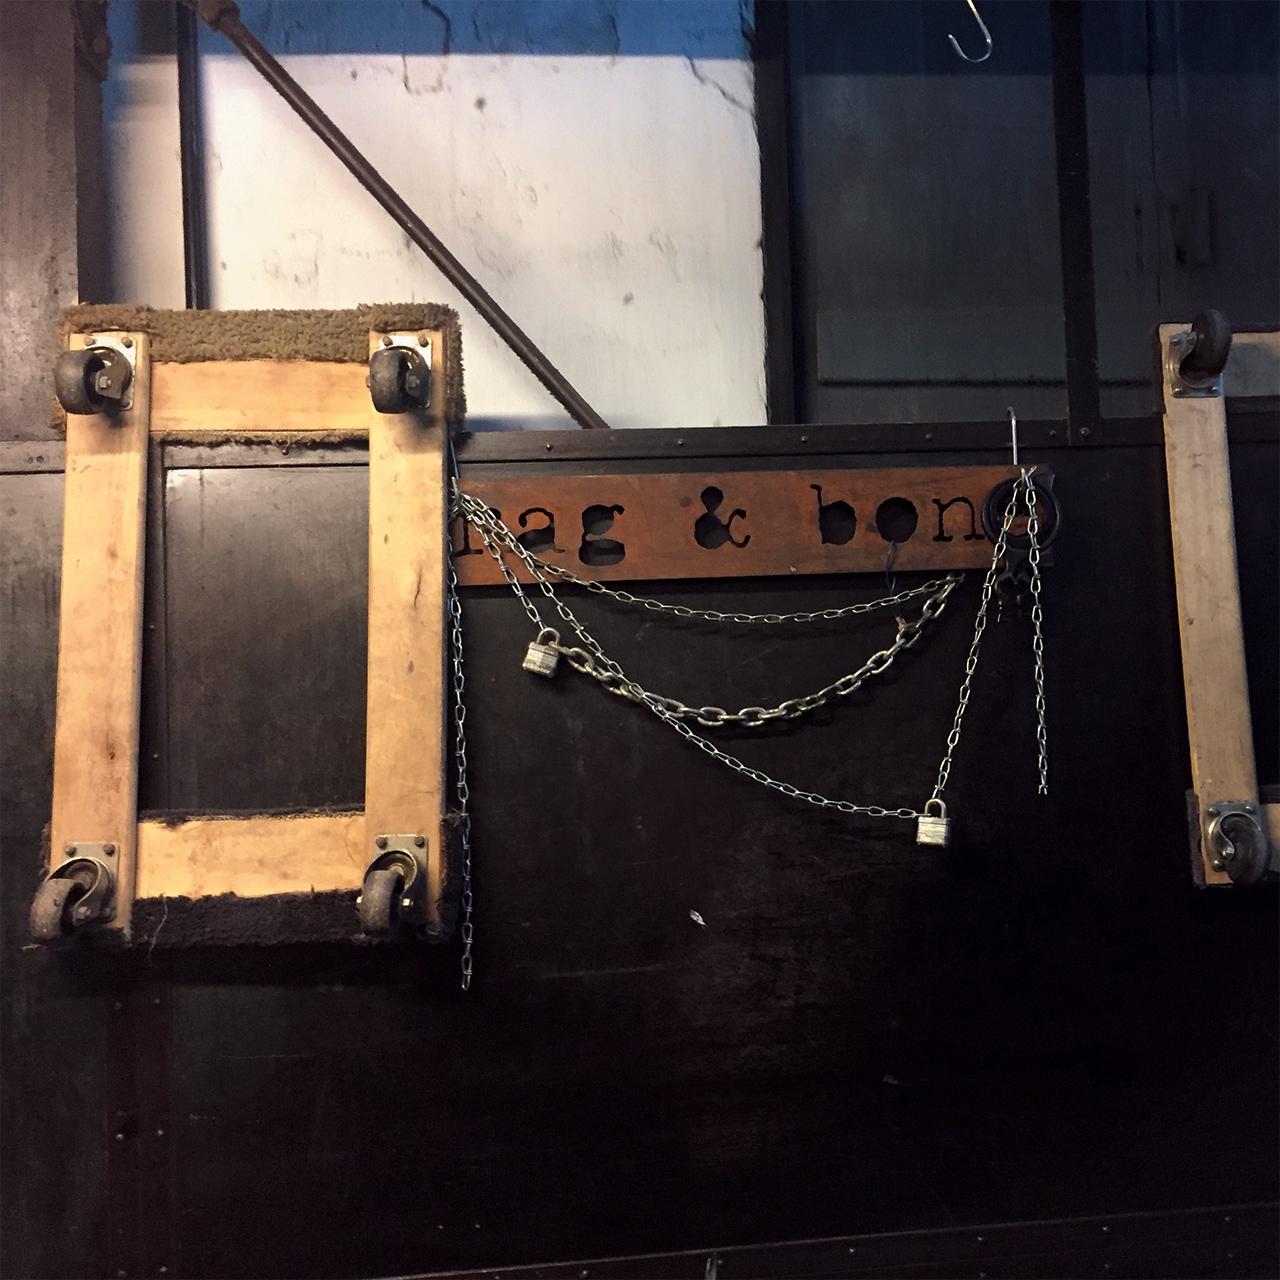 경비 아저씨의 작은 사무실이였던 래그 앤 본 쇼룸의 엘리베이터